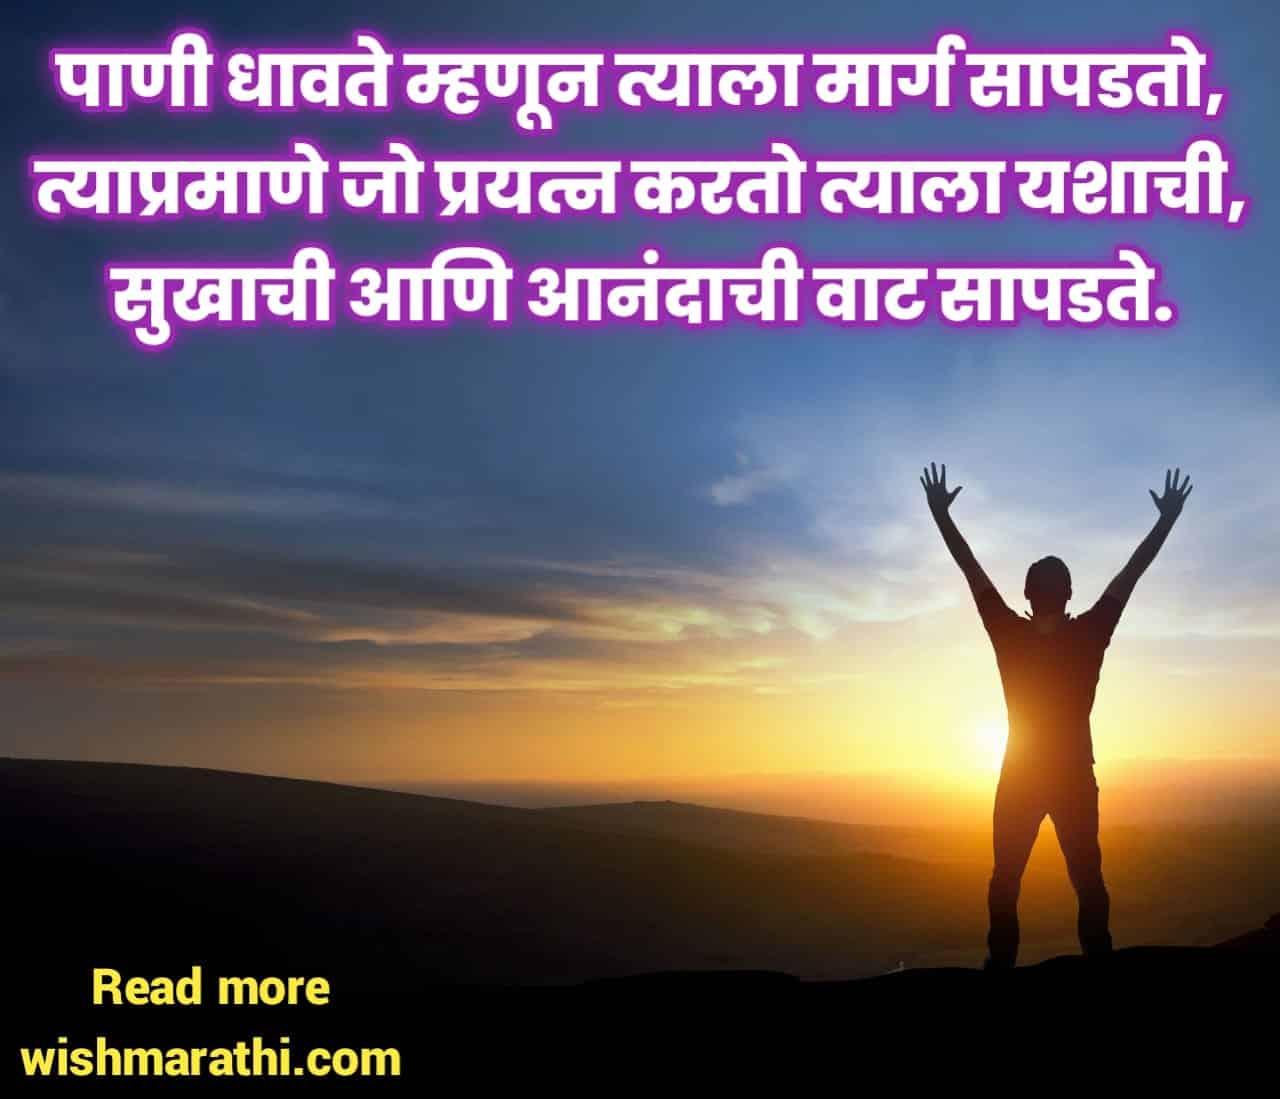 Best Success quotes in Marathi